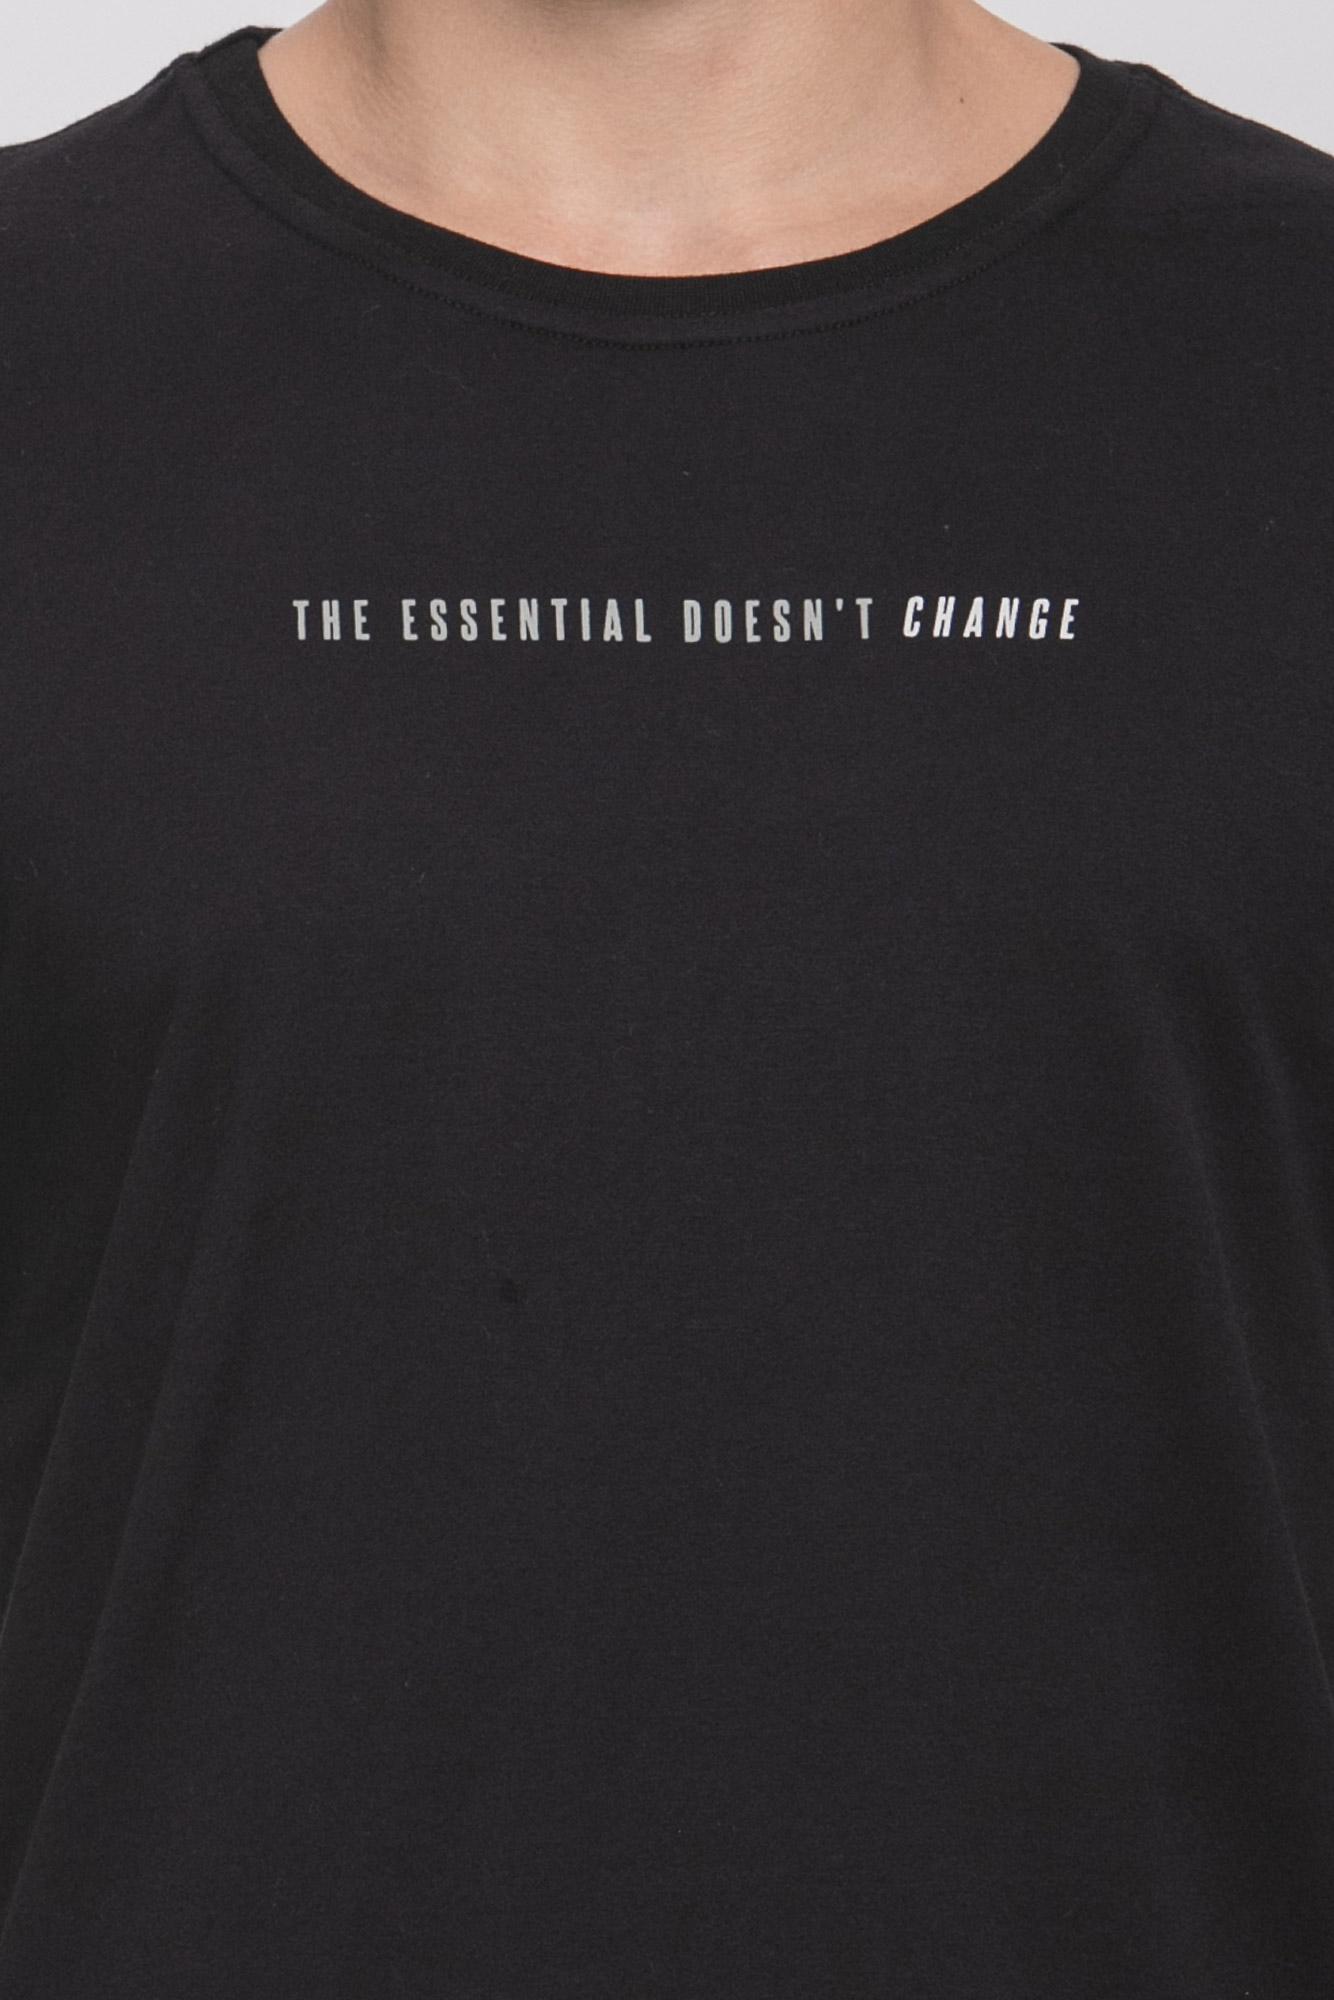 Camiseta Doesnt Change Preta